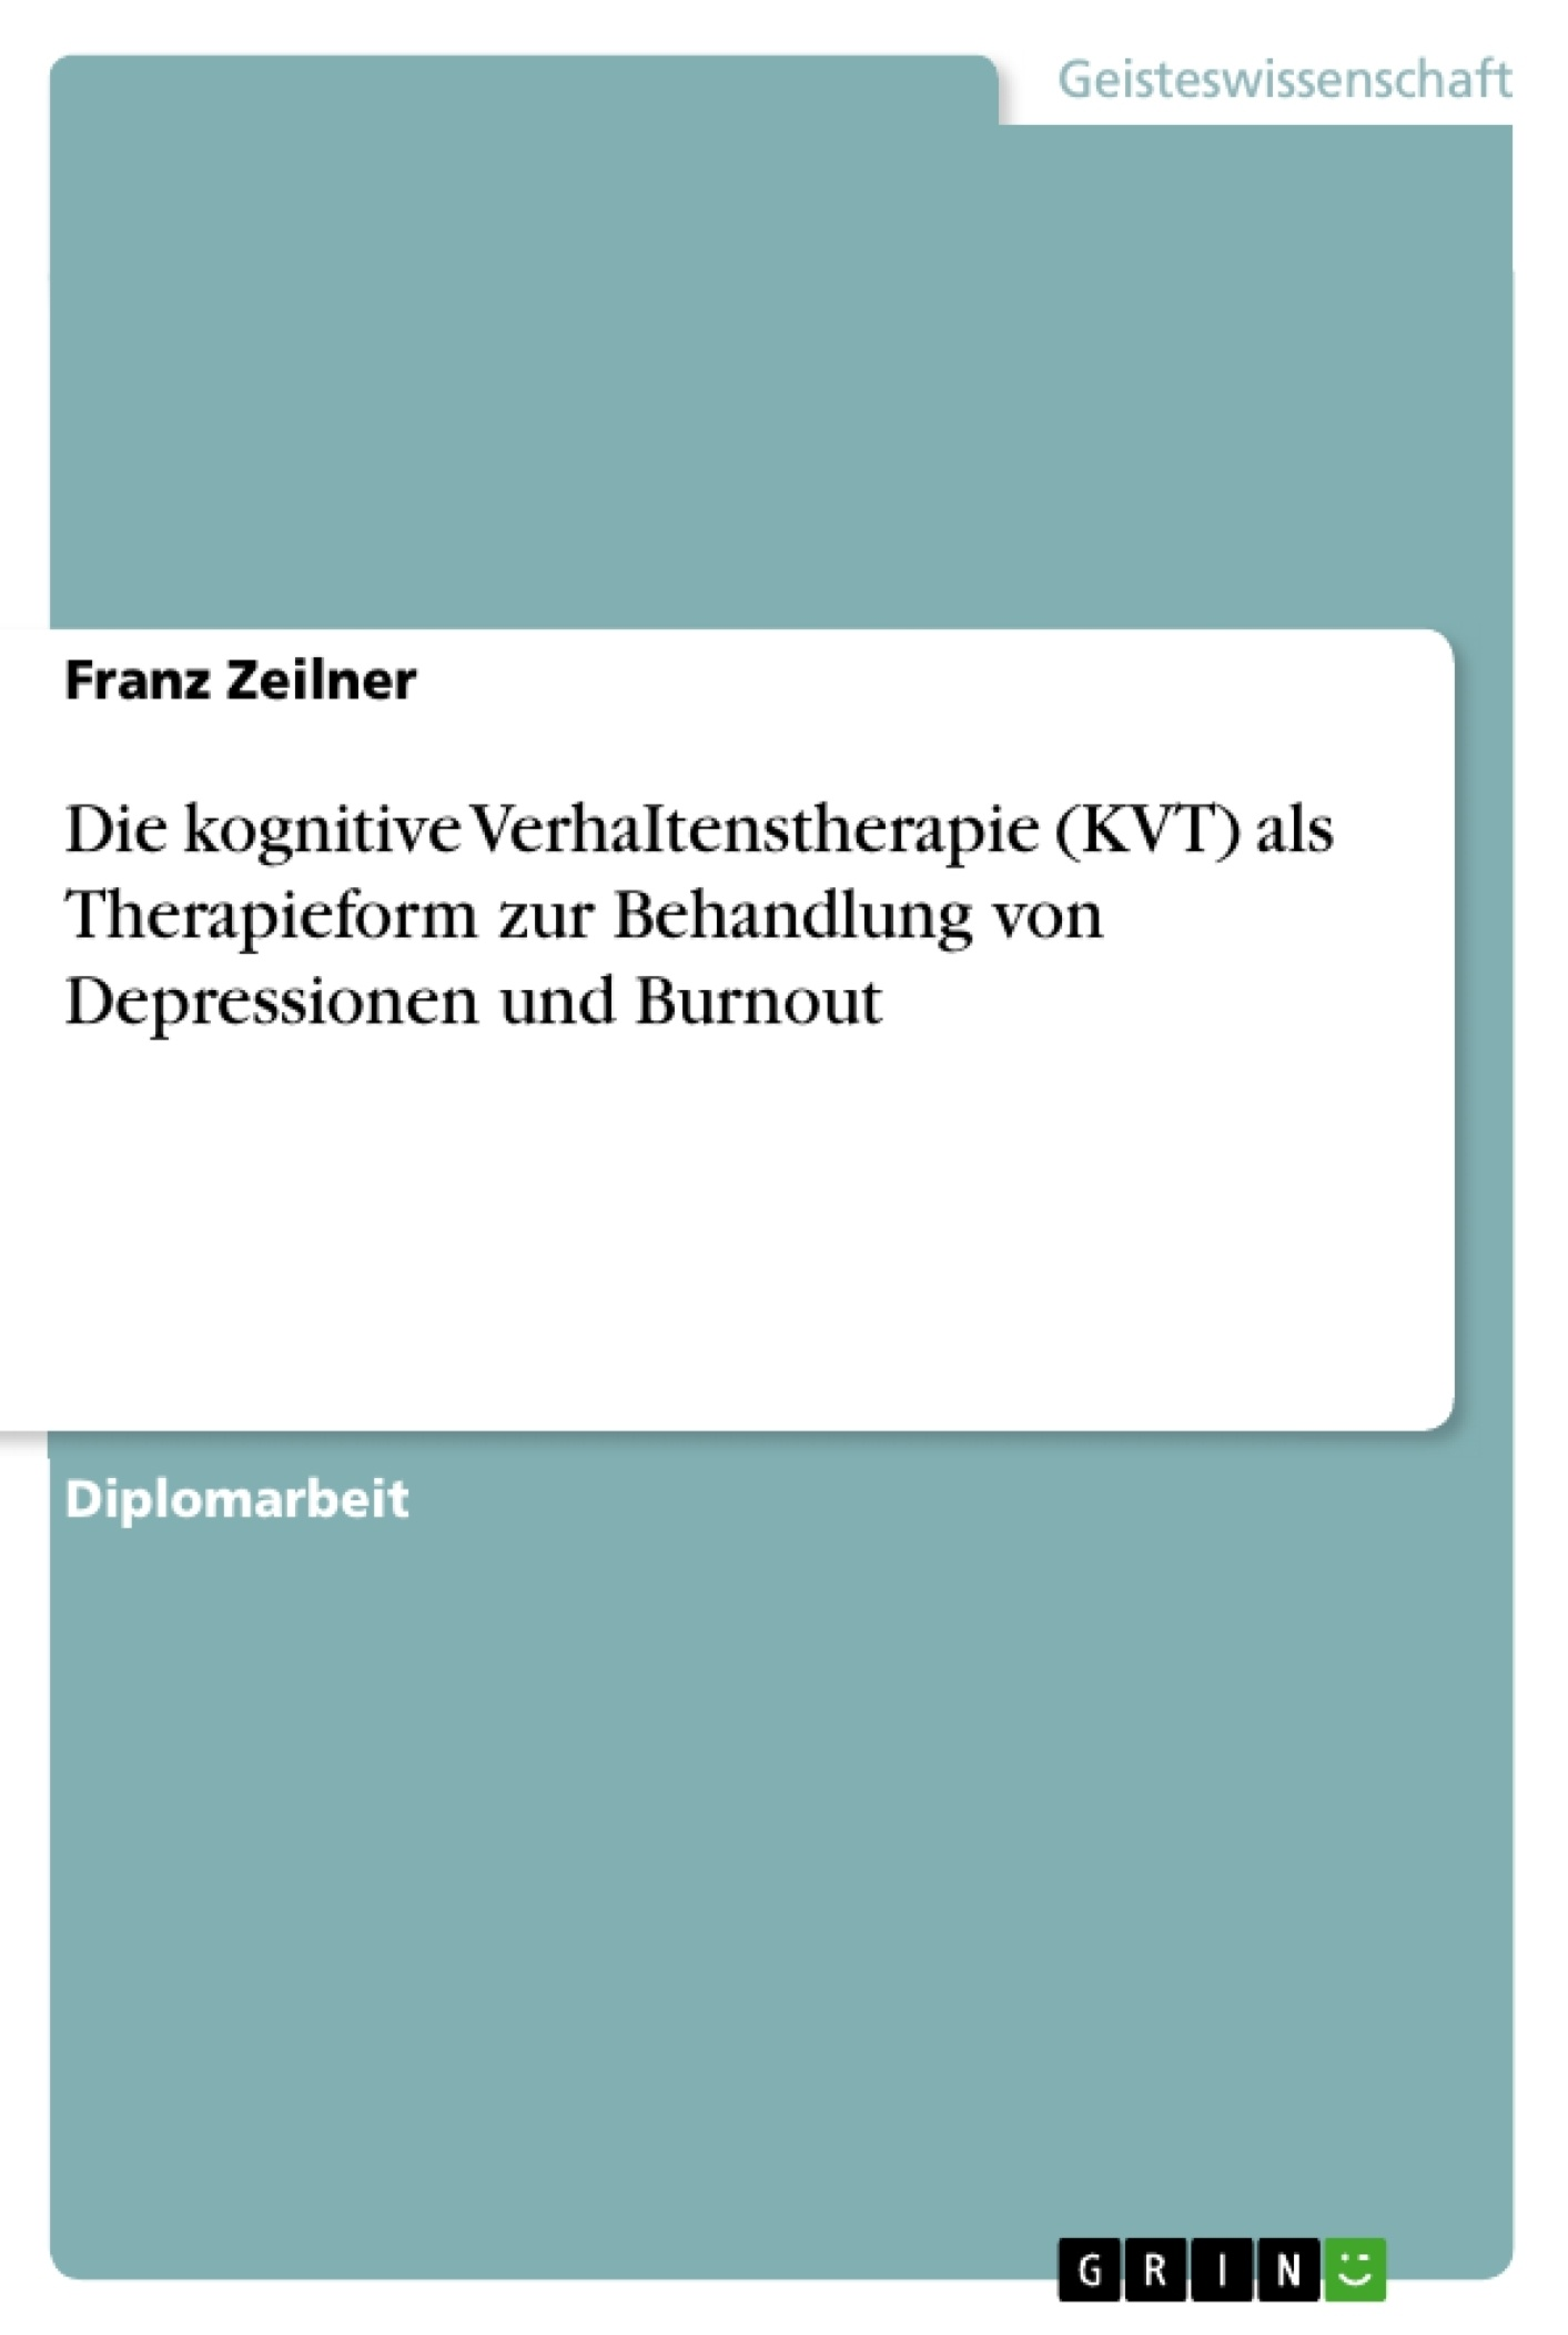 Titel: Die kognitive VerhaItenstherapie (KVT) als Therapieform zur Behandlung von Depressionen und Burnout